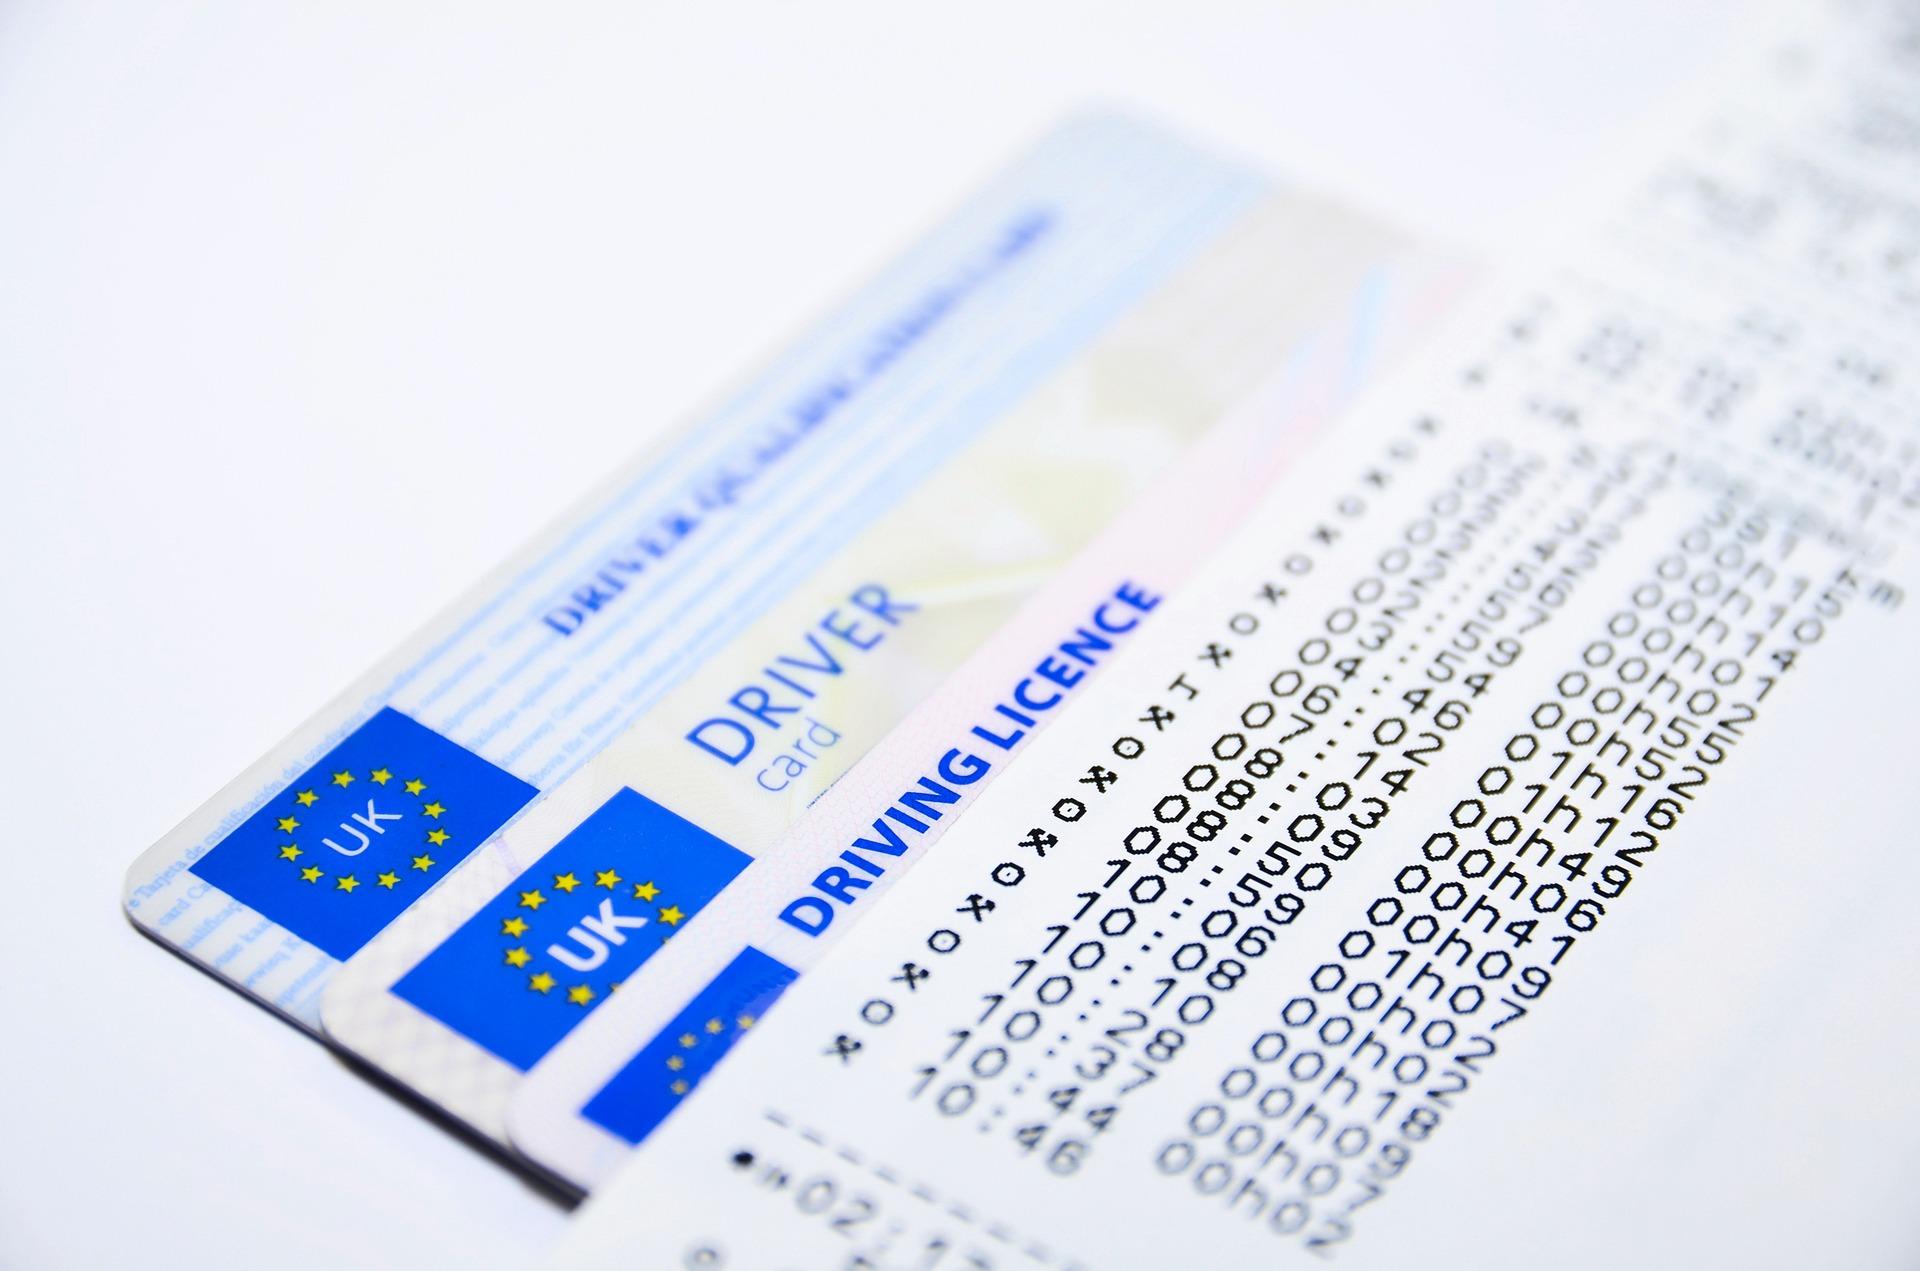 初めての普通免許取得【取得方法と免許の種類】